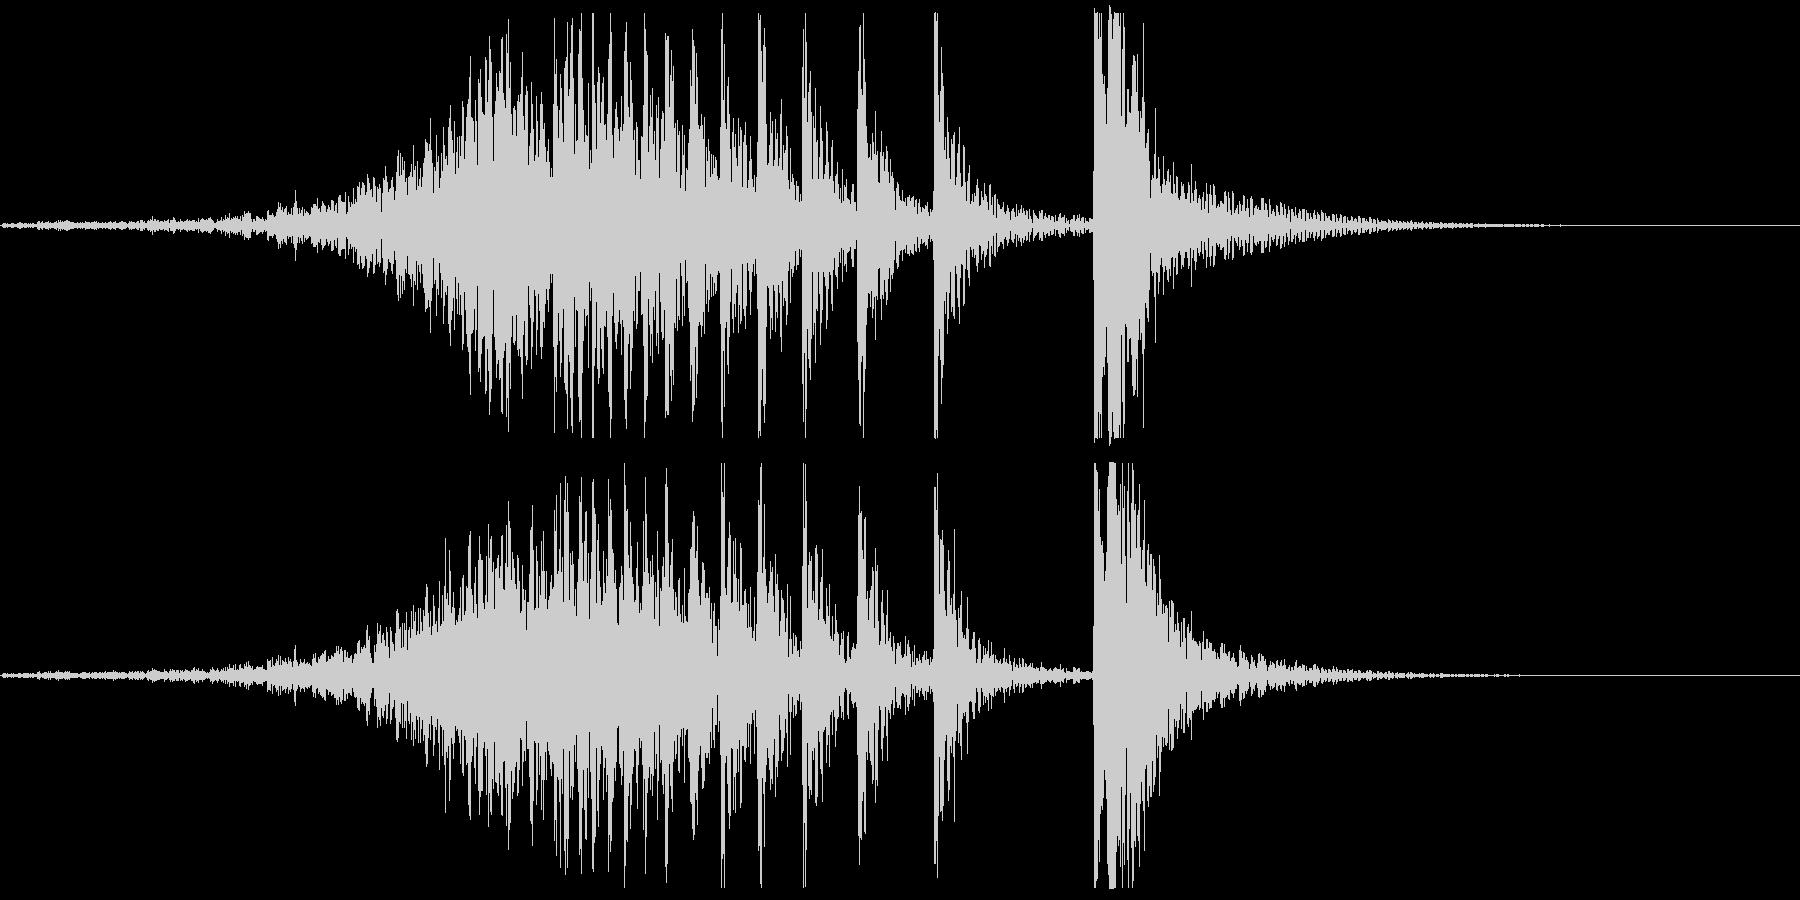 ドコドコ…ドドン!和太鼓/フェードインの未再生の波形